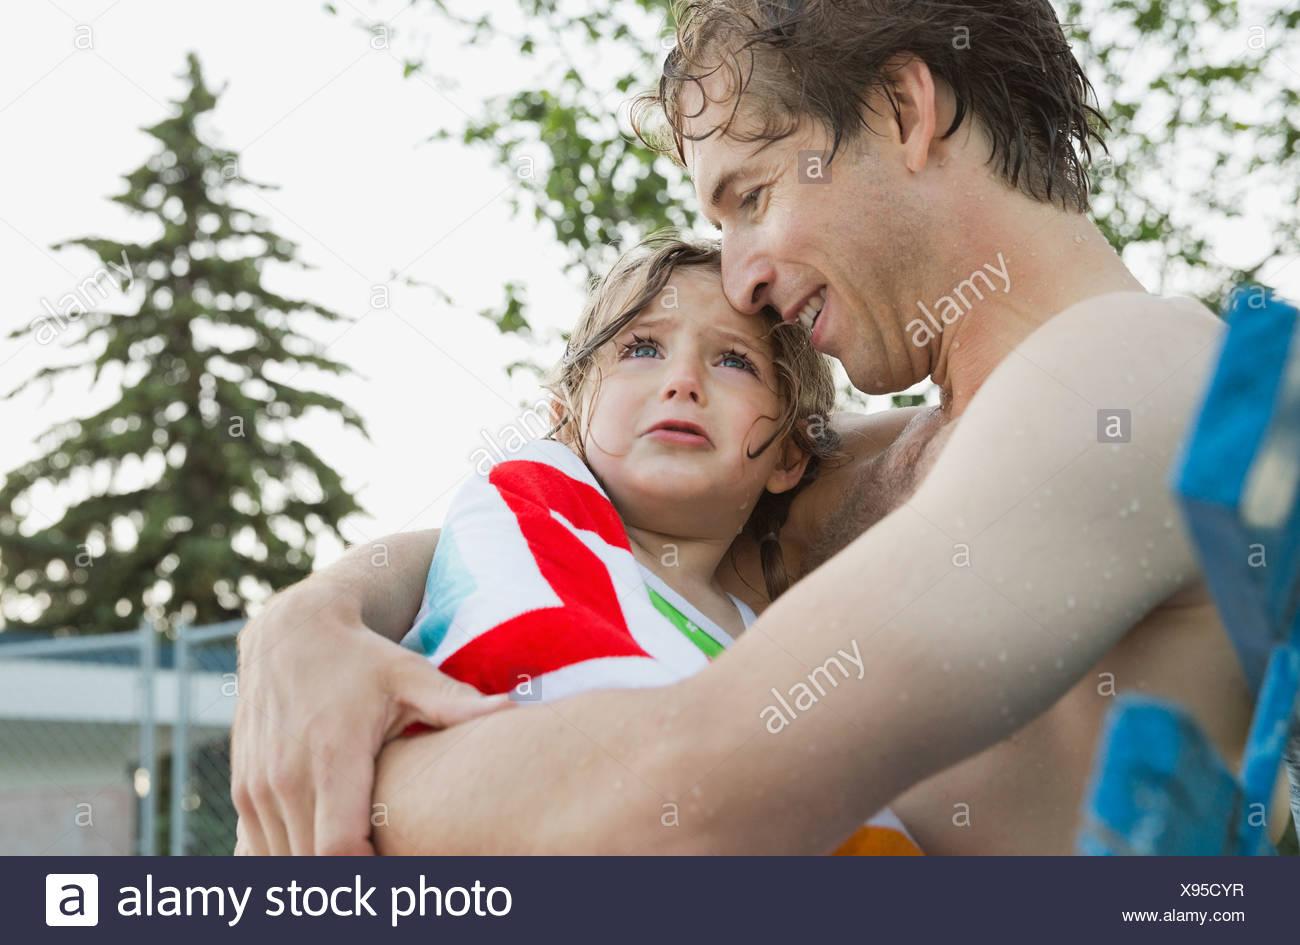 Consolante homme fille pleurer à la piscine Photo Stock